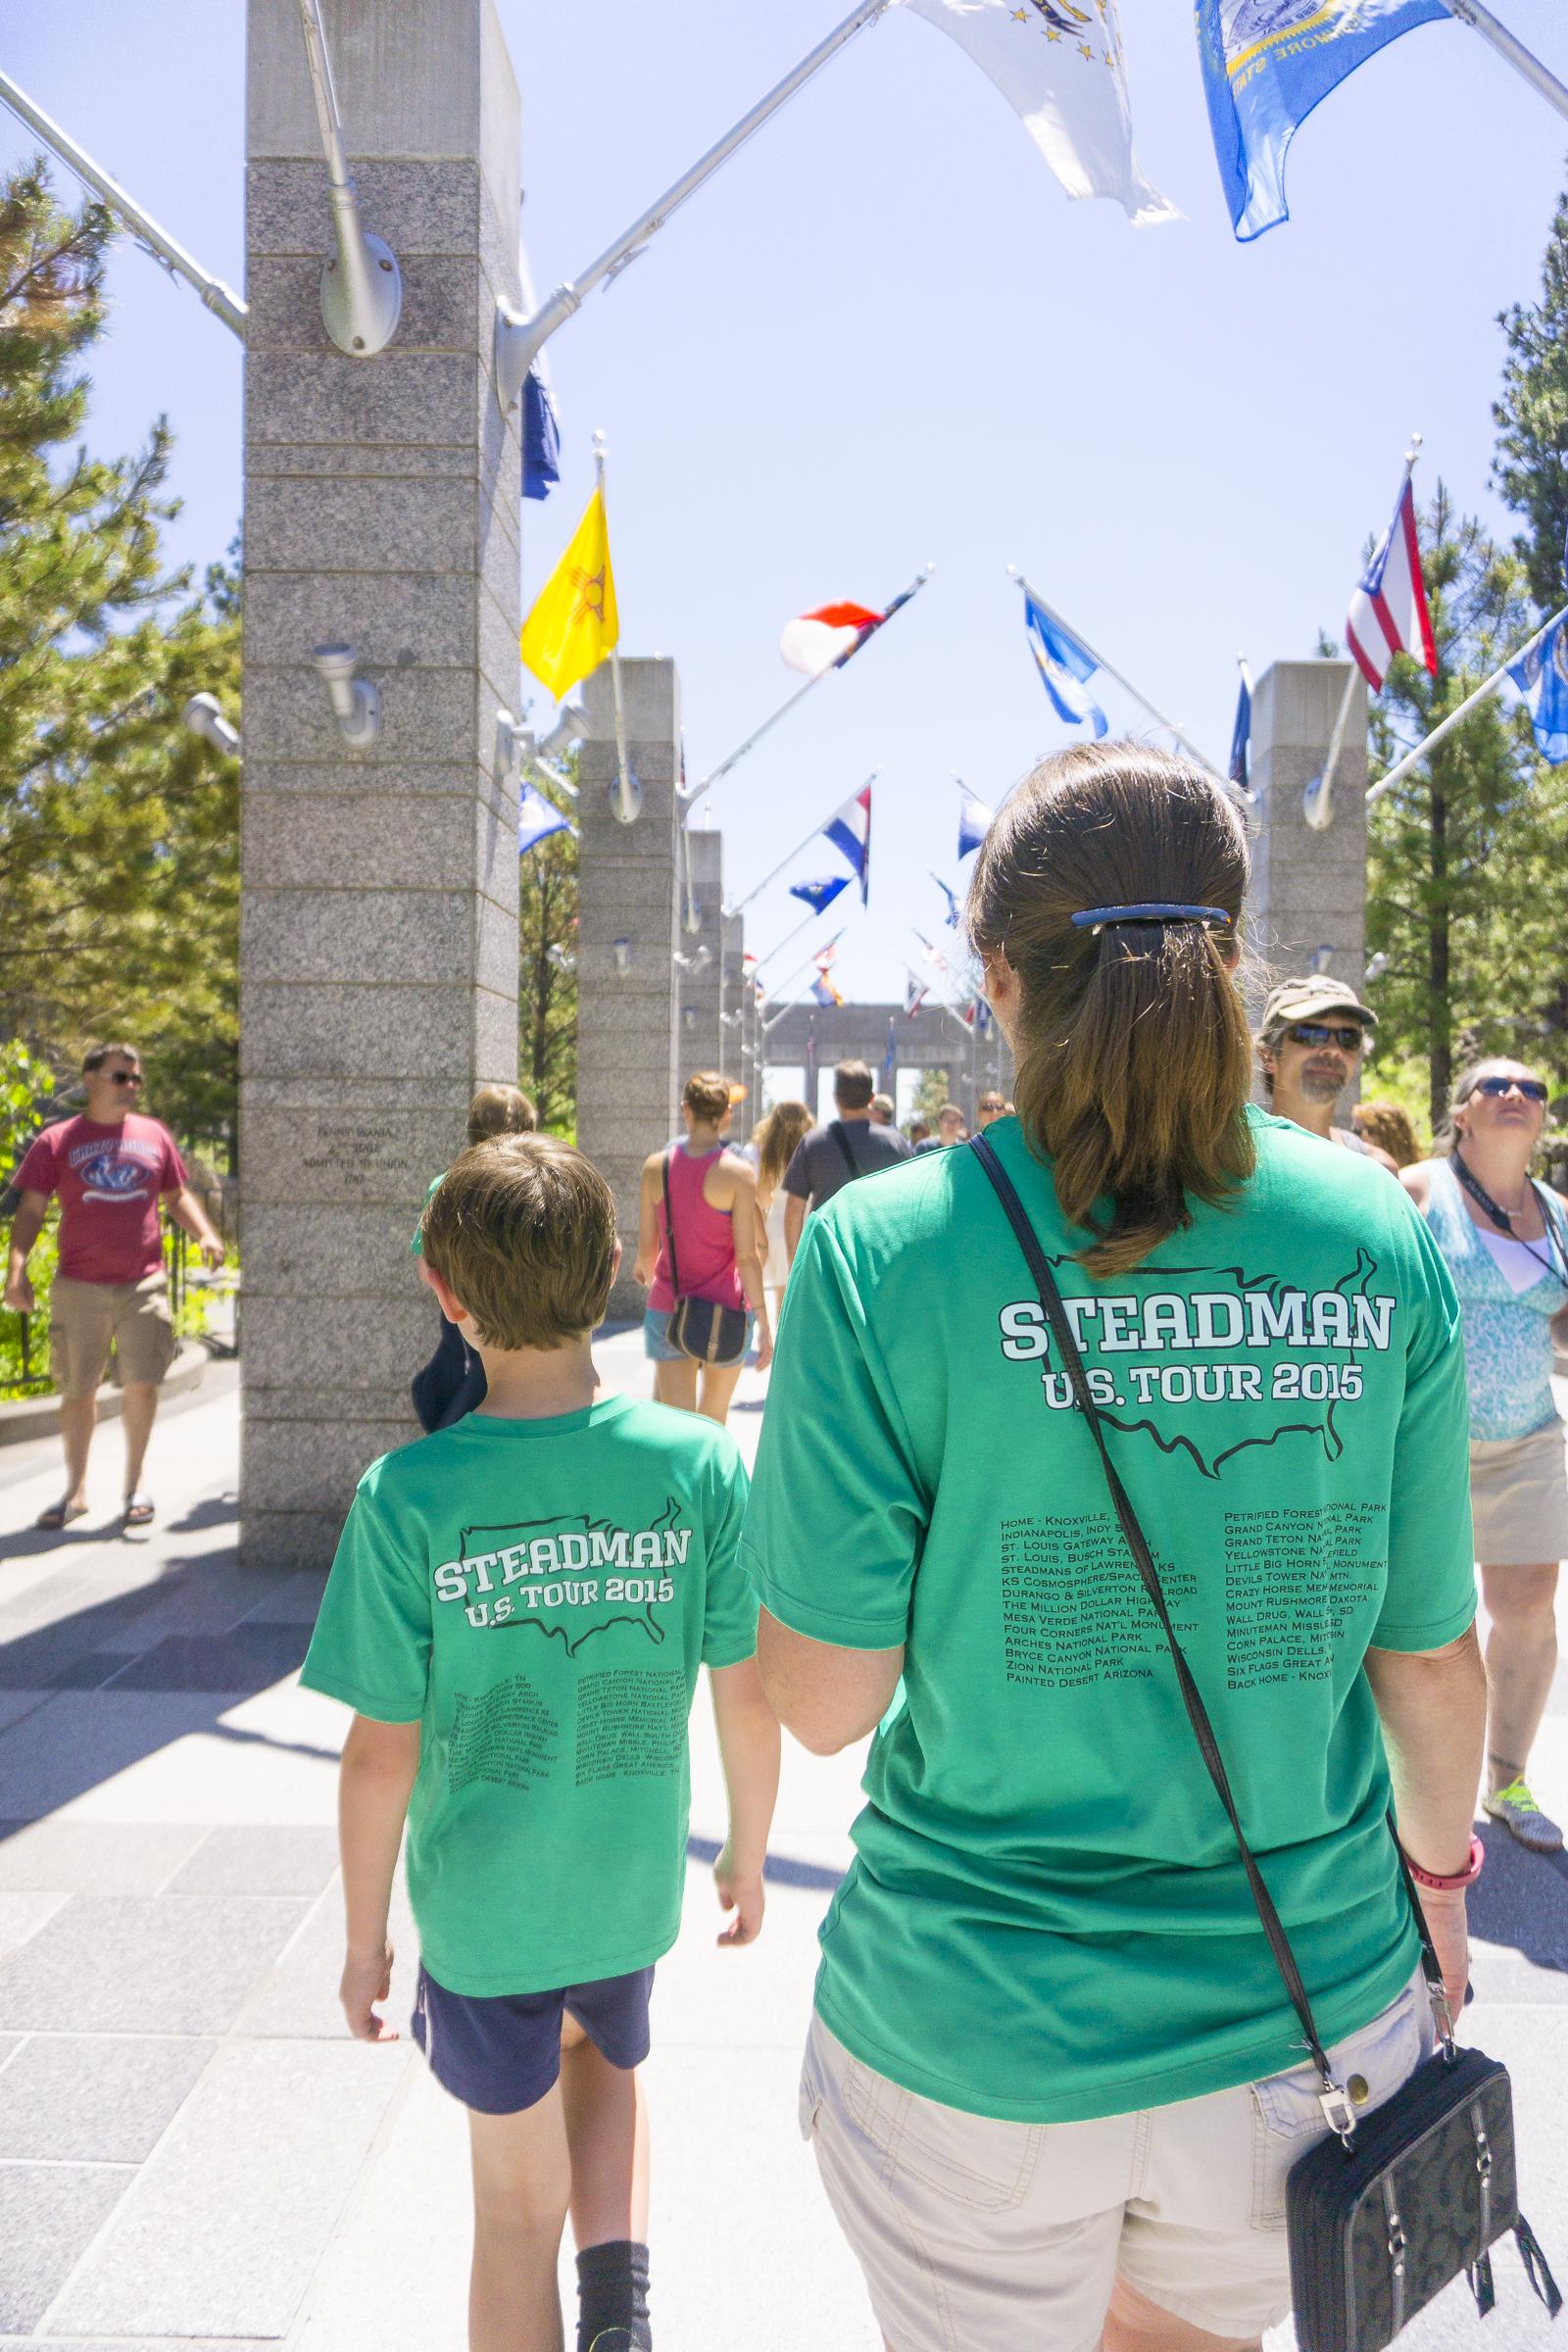 Visiting Mount Rushmore National Memorial